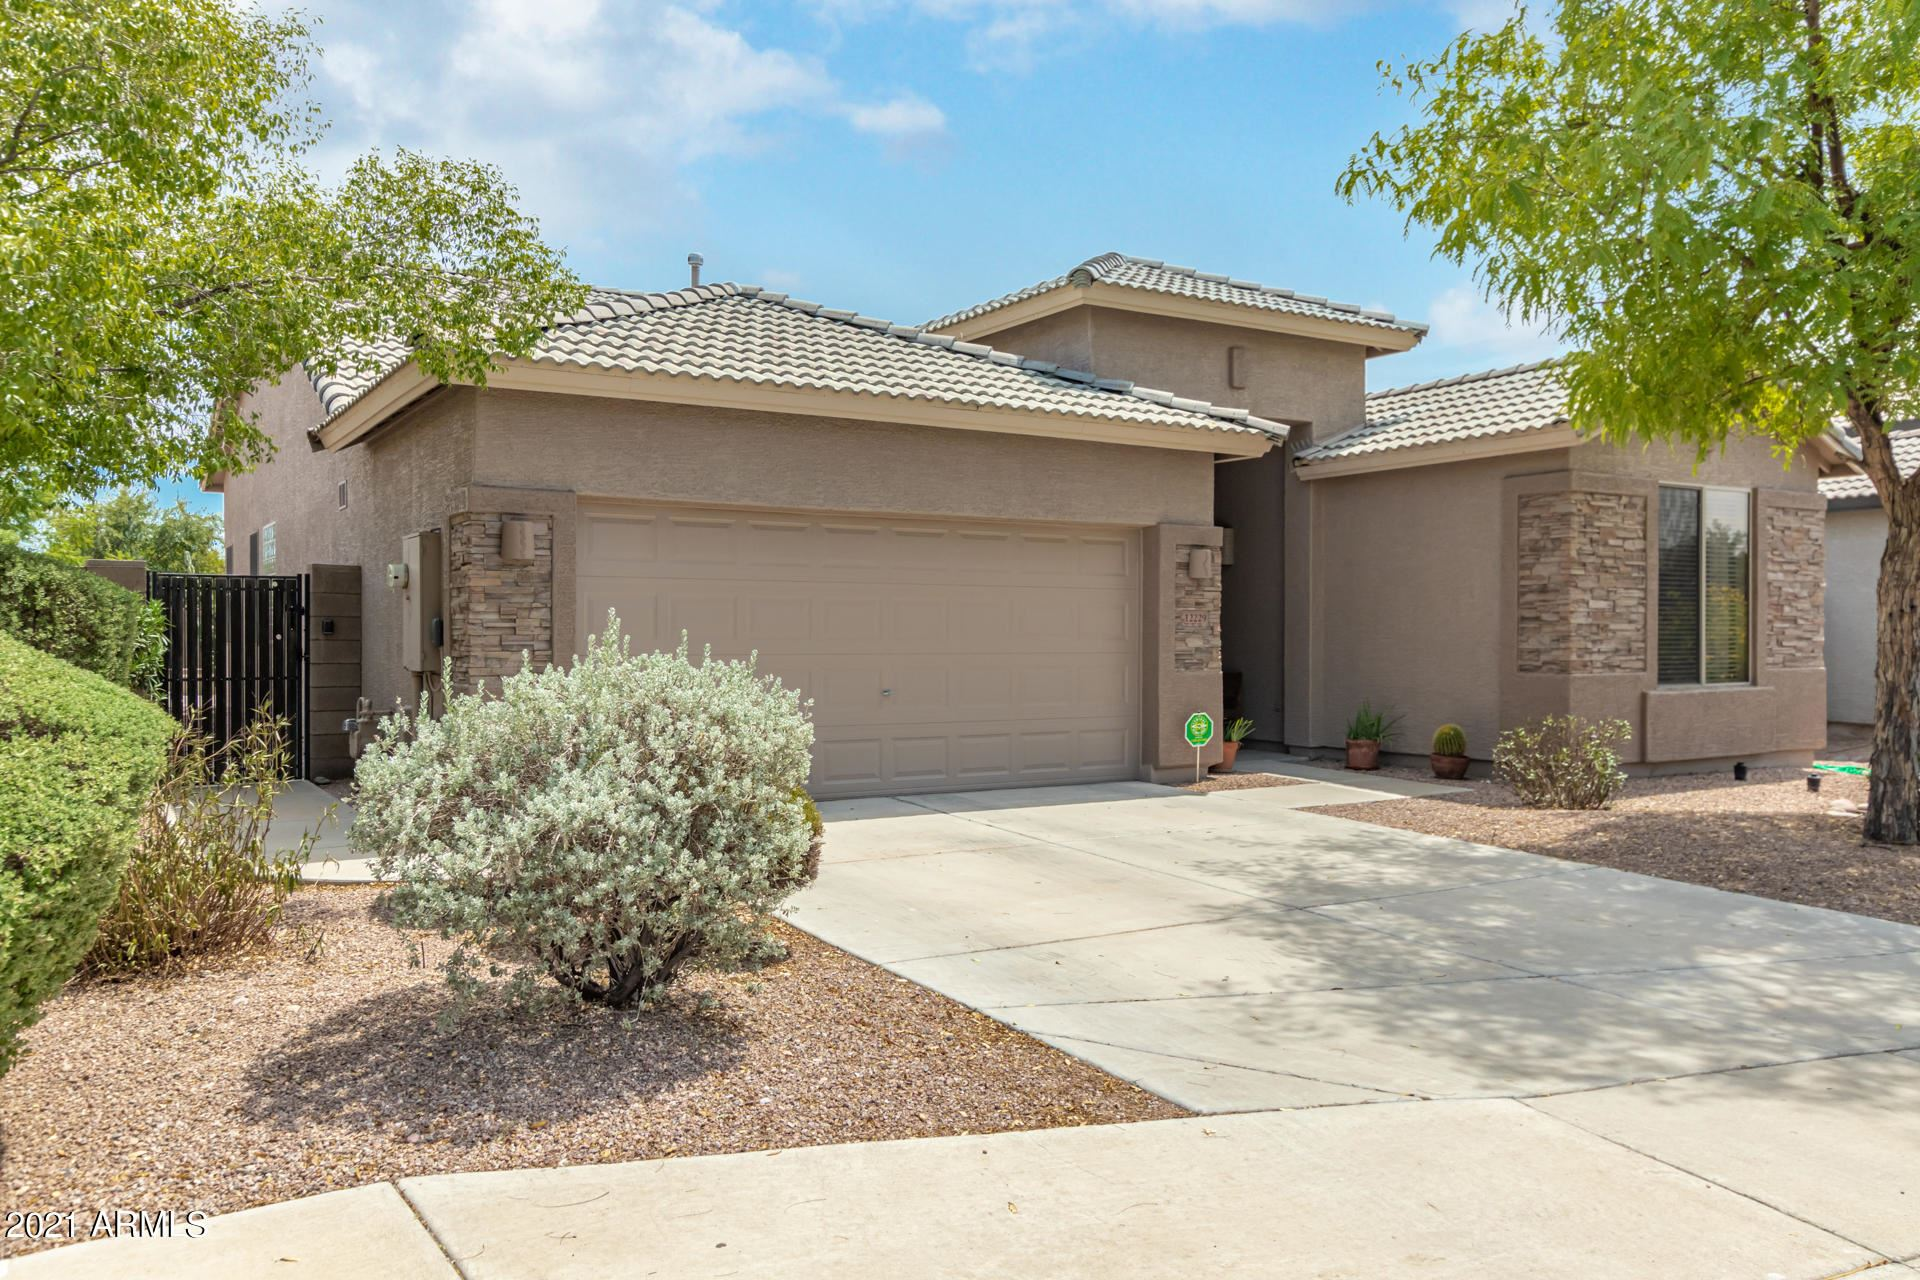 Photo of 12229 W SHERMAN Street, Avondale, AZ 85323 (MLS # 6263665)